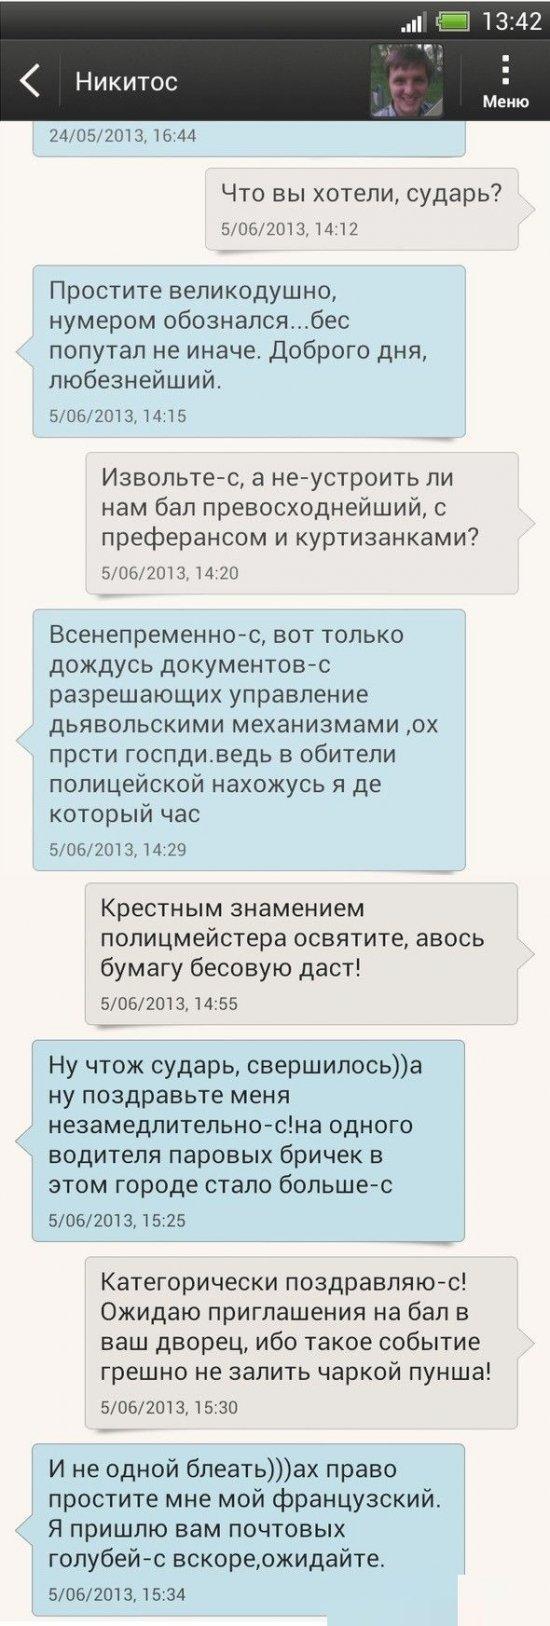 http://www.anekdotov-mnogo.ru/image-prikol/smeshnie_kartinki_1371199311140620132304.jpg